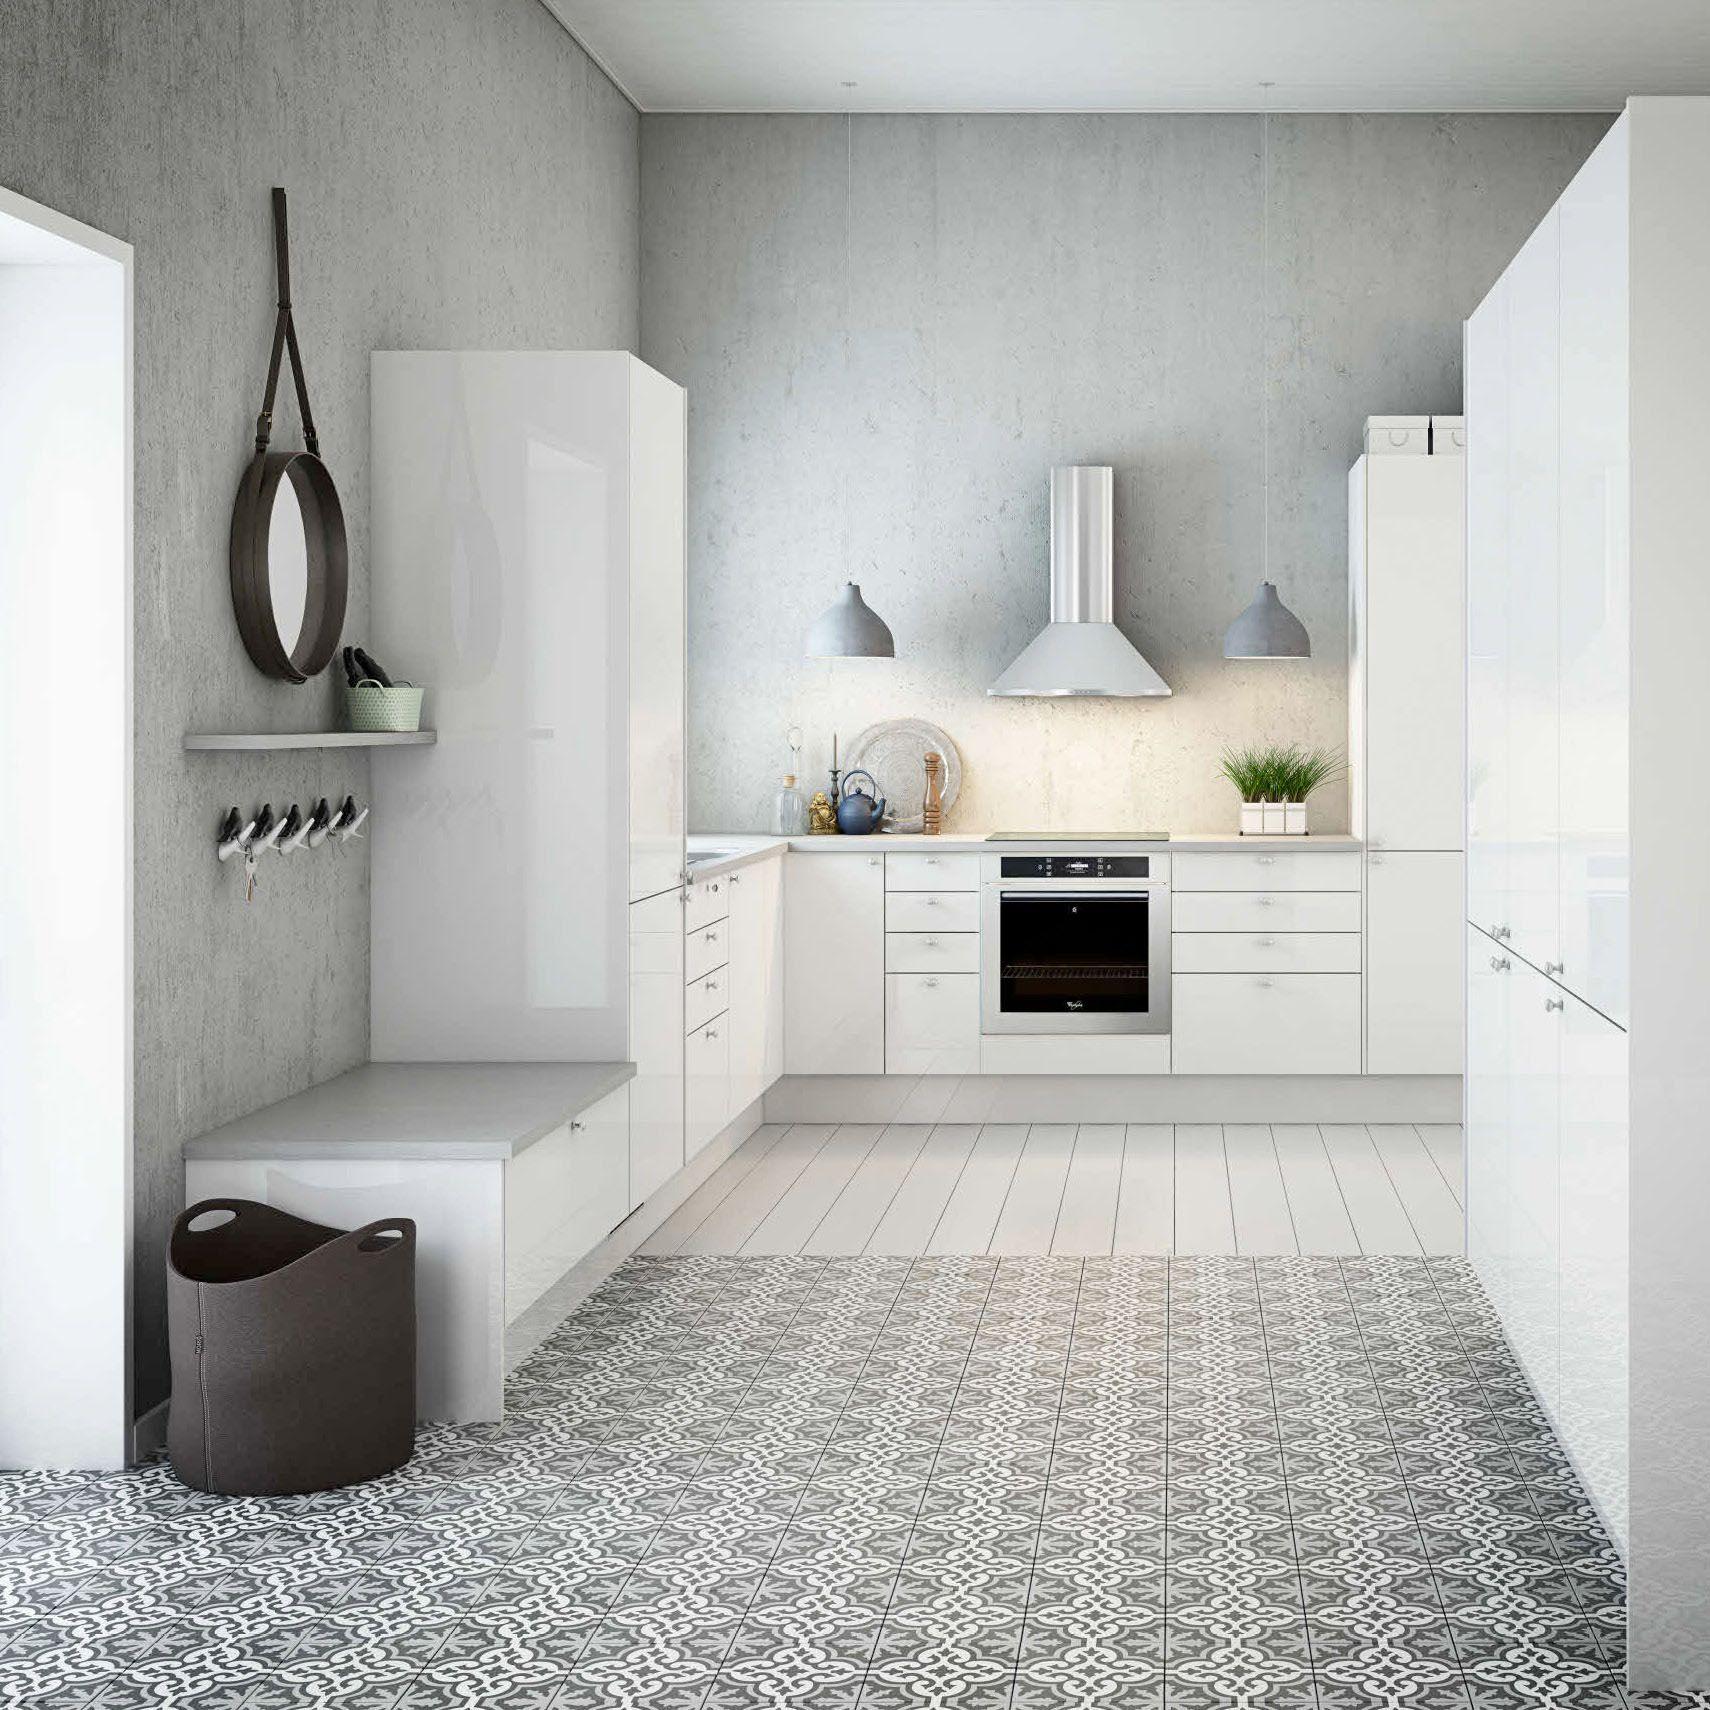 Cementtegels en keramische patroontegels vind je bij top tegel 04 in geluveld - Tegel keuken oud ...